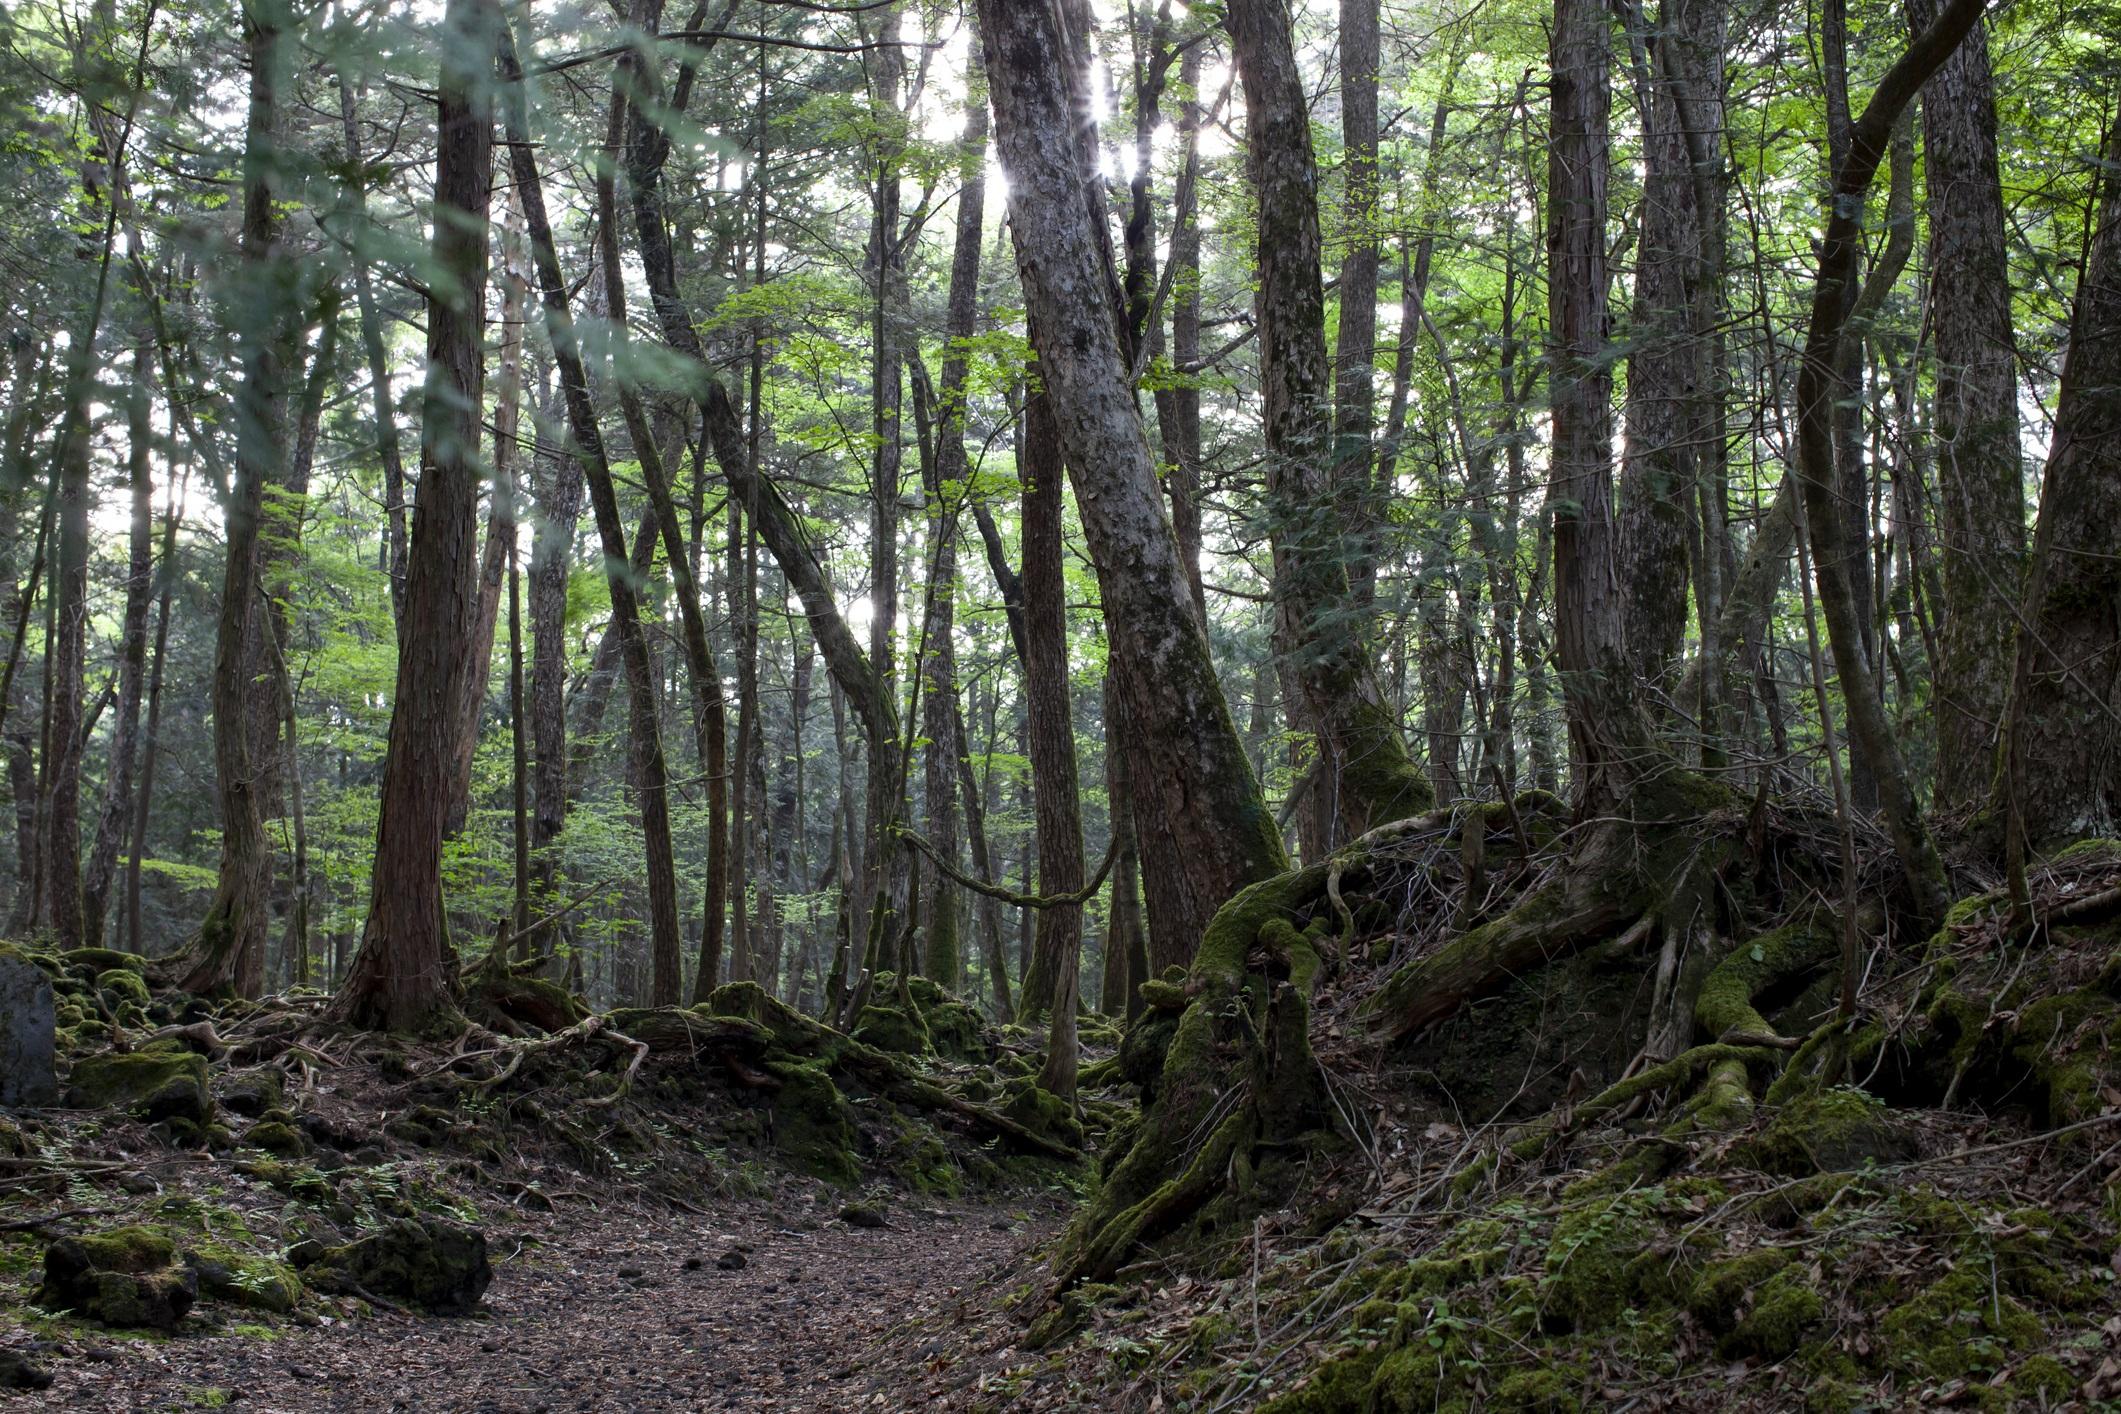 <p><strong>Гората Аокигахара</strong></p>  <p>Аокигахара или &bdquo;Гората на самоубийствата&rdquo; в Япония е определение за трагична красота. Наричана още &bdquo;Море от дървета&rdquo;, това е място на множество самоубийства, датиращи чак от 1900 г. Табела на входа напомня, че &bdquo;животът е ценен подарък&rdquo;.</p>